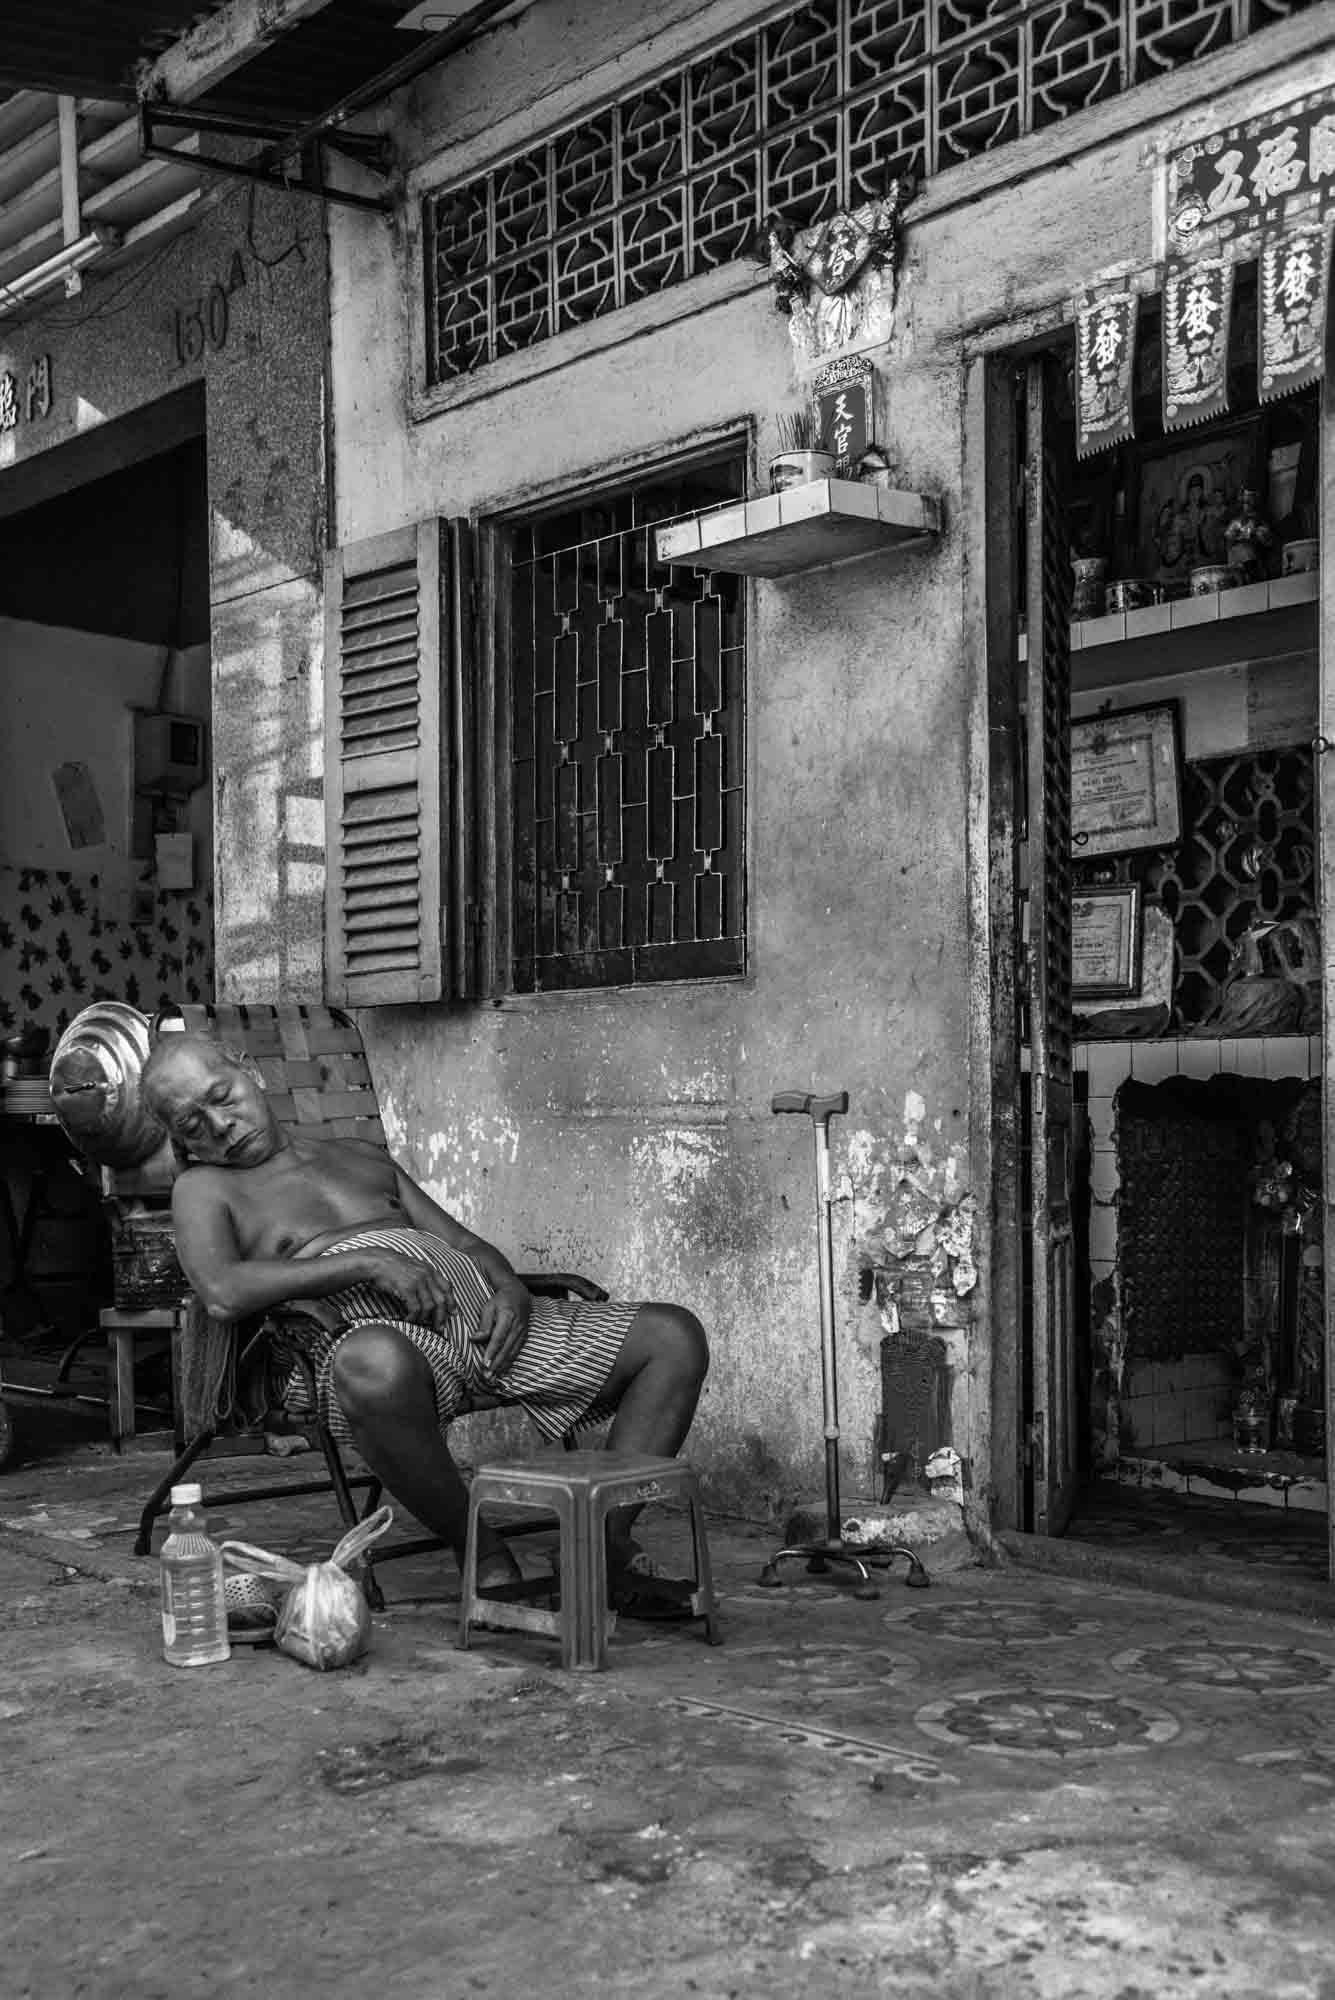 De volgers van Reizen & Reistips: Manon - Slapende Vietnamees